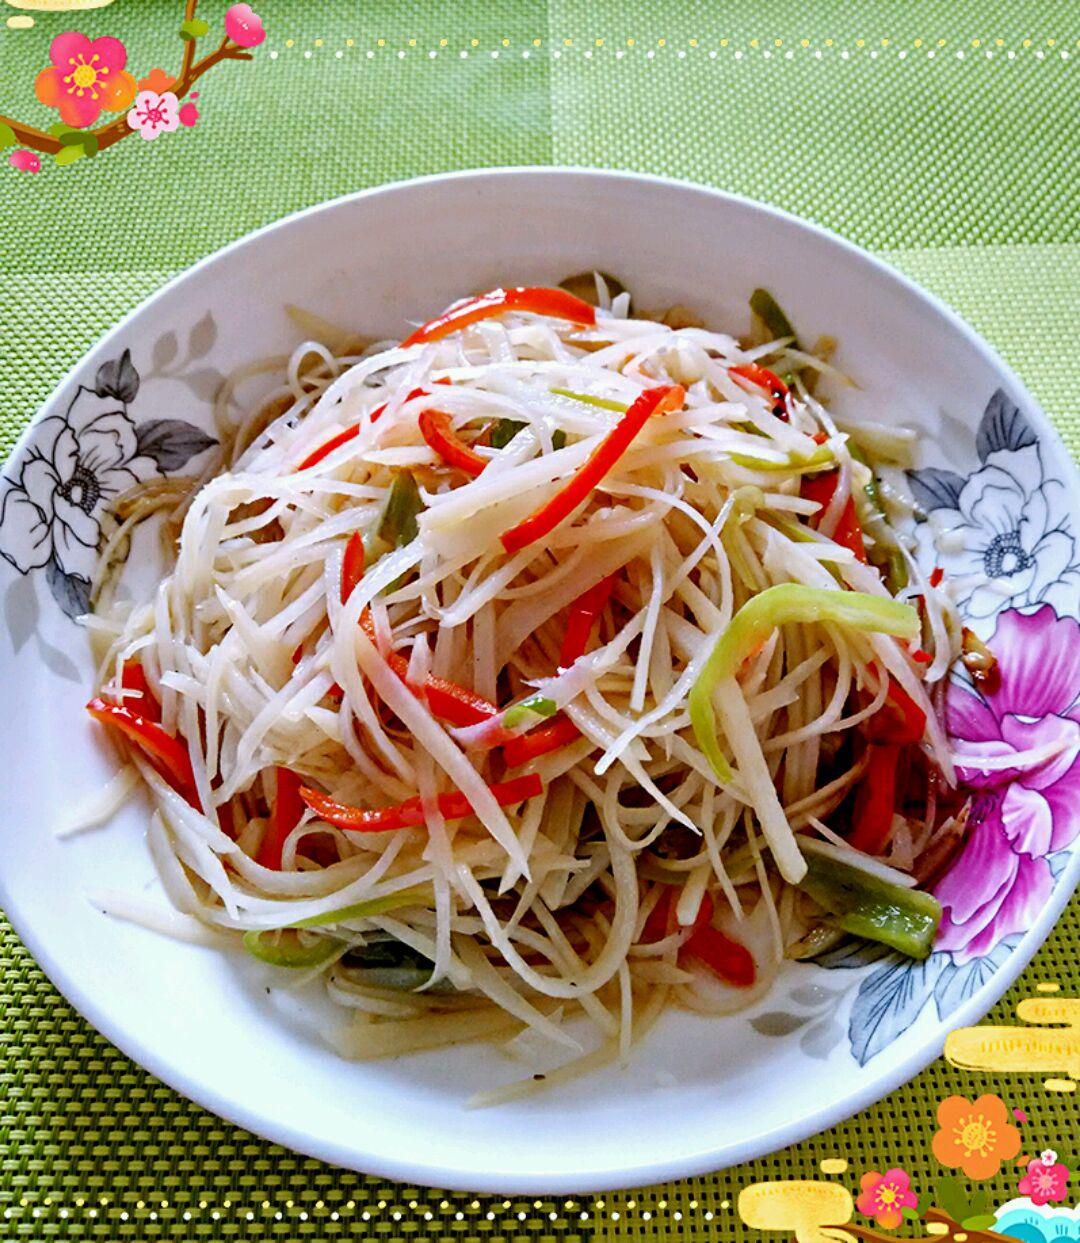 青红椒丝适量 葱,姜,蒜末适量 醋适量 盐适量 酸辣土豆丝的做法步骤